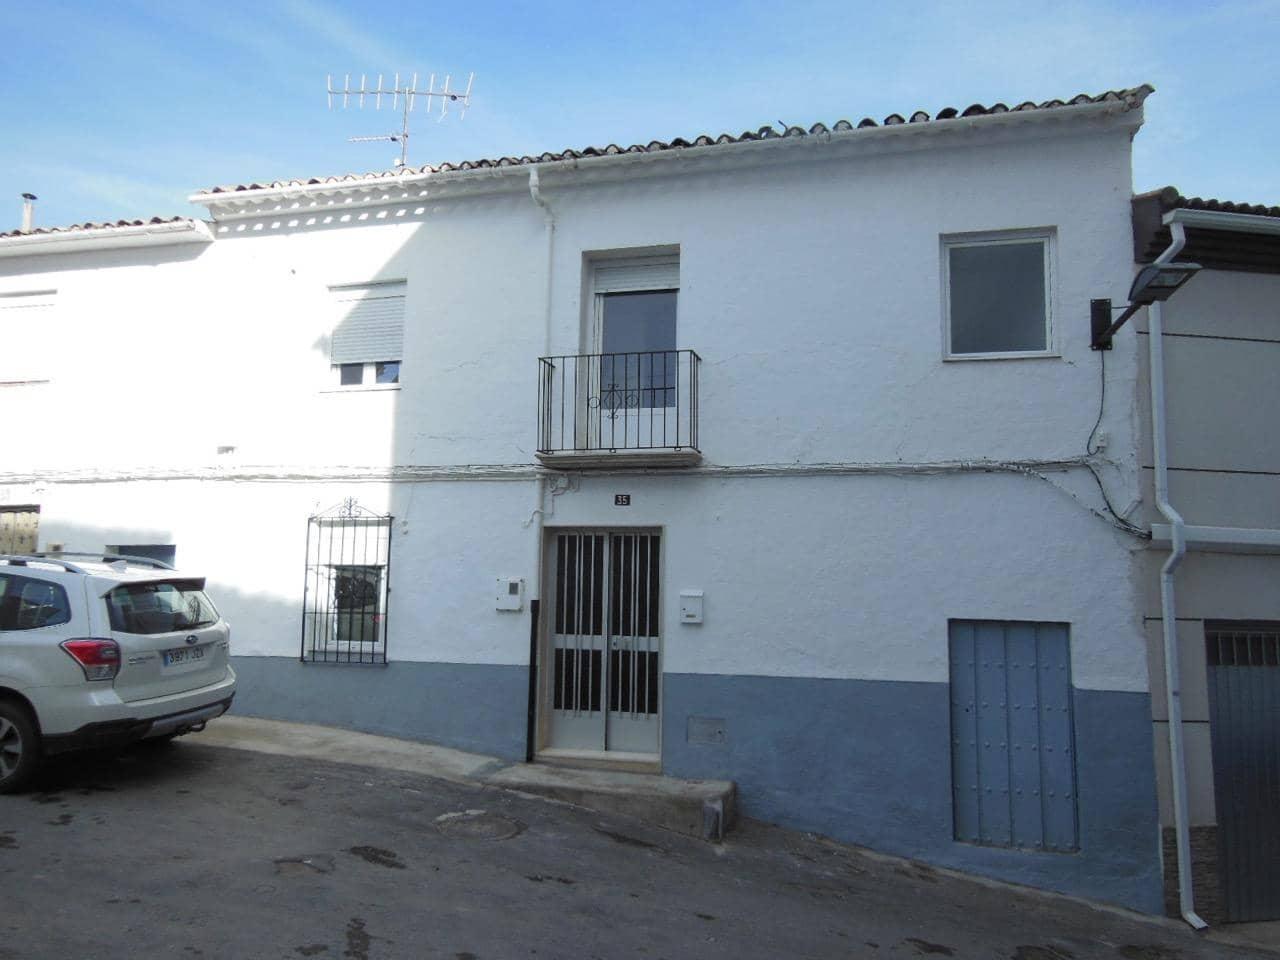 3 sovrum Finca/Hus på landet till salu i Castillo de Locubin - 49 000 € (Ref: 4295138)